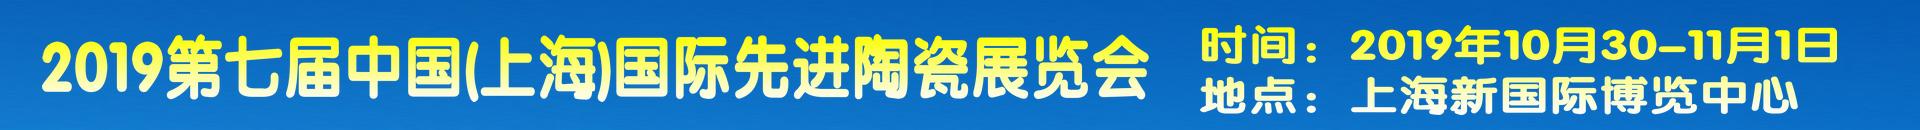 2019第七届中国(上海)国际先进陶瓷展览会